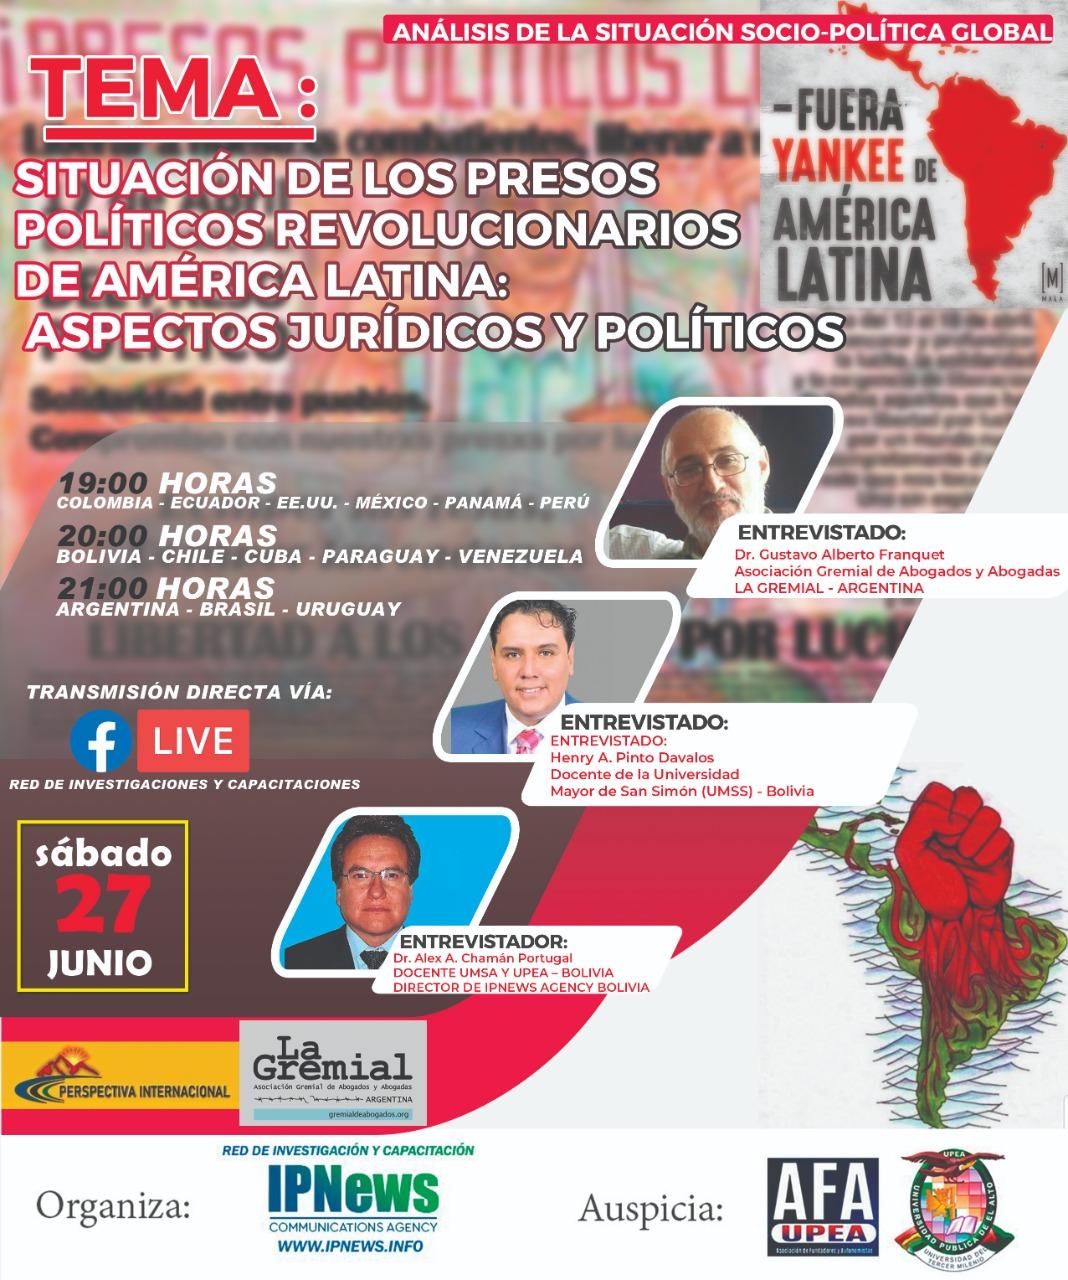 SITUACIÓN DE LOS PRESOS POLÍTICOS REVOLUCIONARIOS EN AMÉRICA LATINA. ASPECTOS JURIDICOS Y POLITICOS